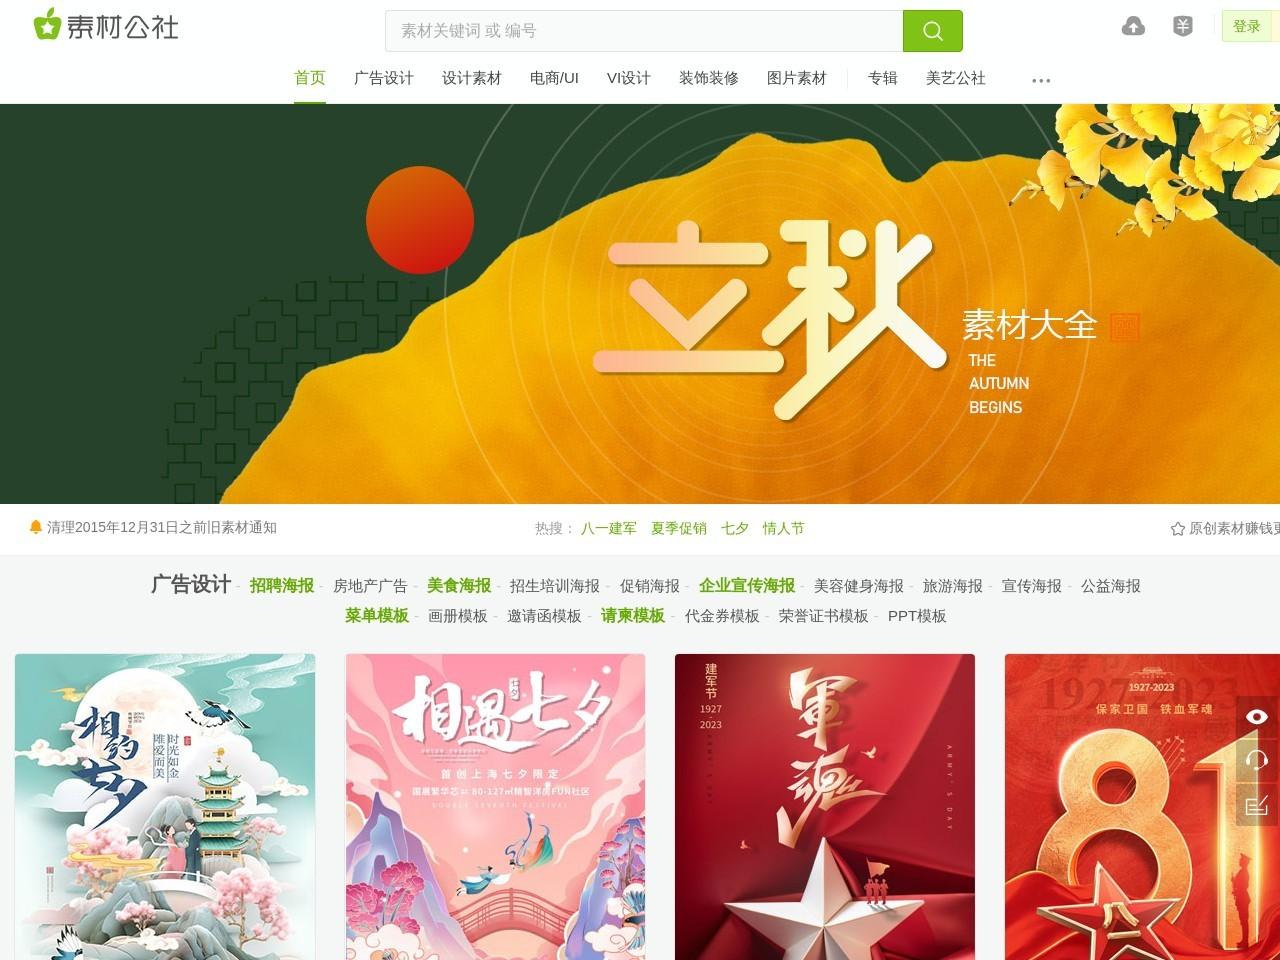 中国专业素材网